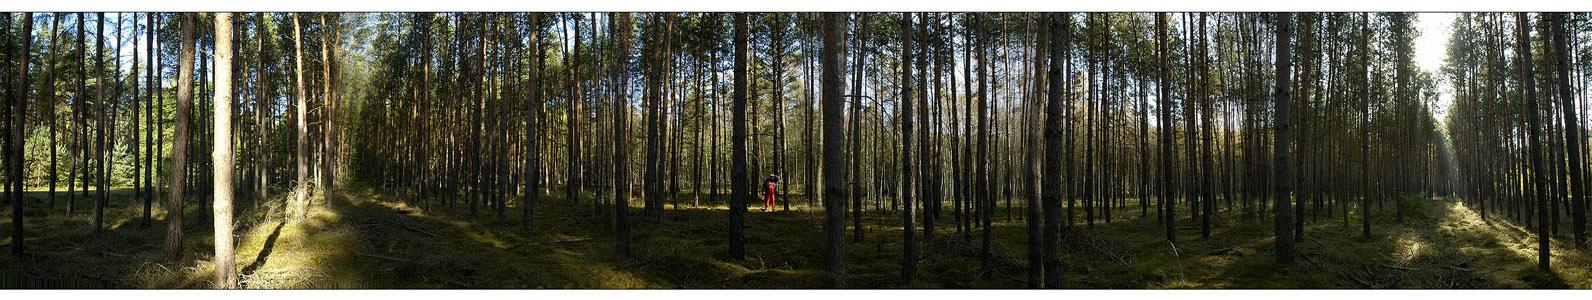 Ein Männlein steht im Walde.